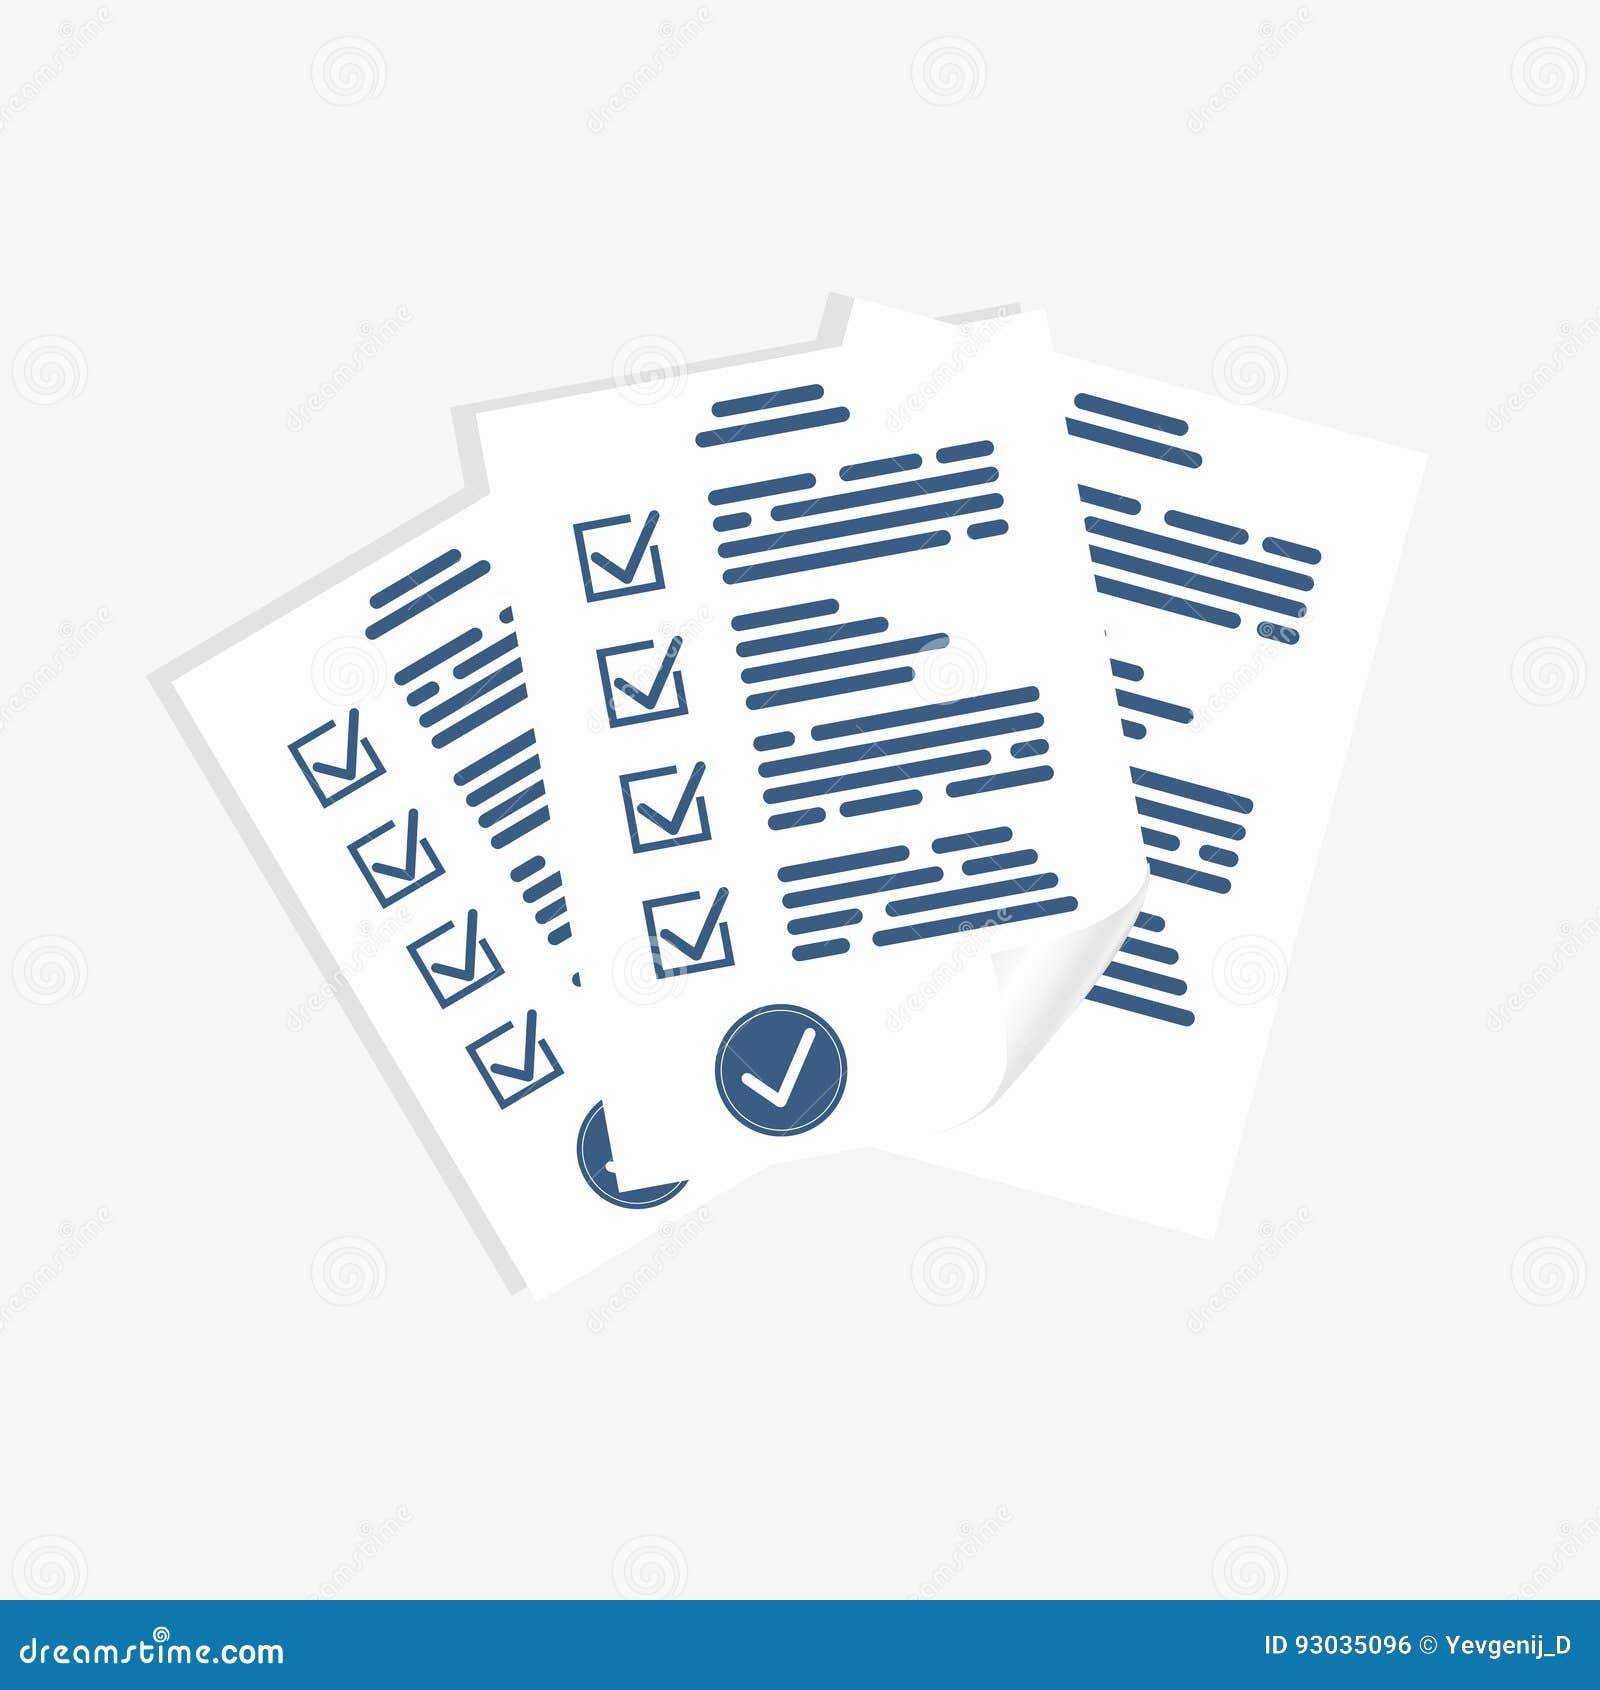 Μορφή ερευνών, φύλλα εγγράφου Μορφή διαγωνισμών, πίνακας ελέγχου για την αξιολόγηση, ερωτηματολόγιο ή μορφή διαγωνισμοου γνώσεων